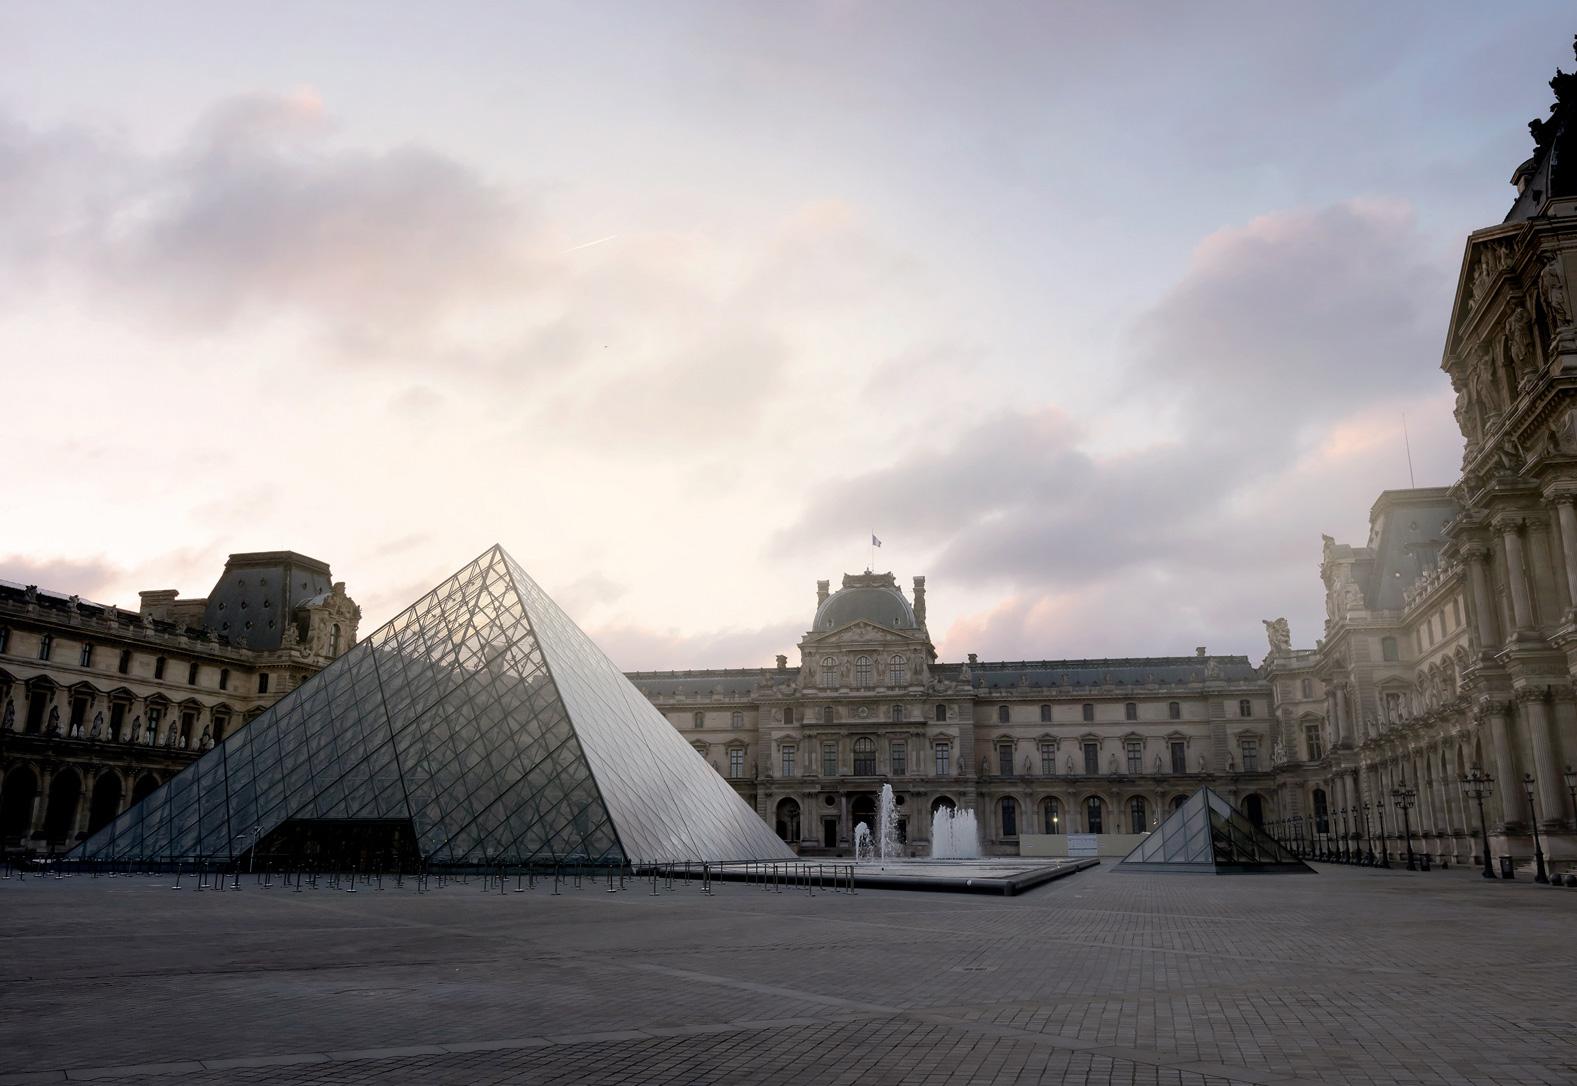 Batijournal le mus e du louvre am liore l accueil de ses visiteurs batijournal - Construction pyramide du louvre ...